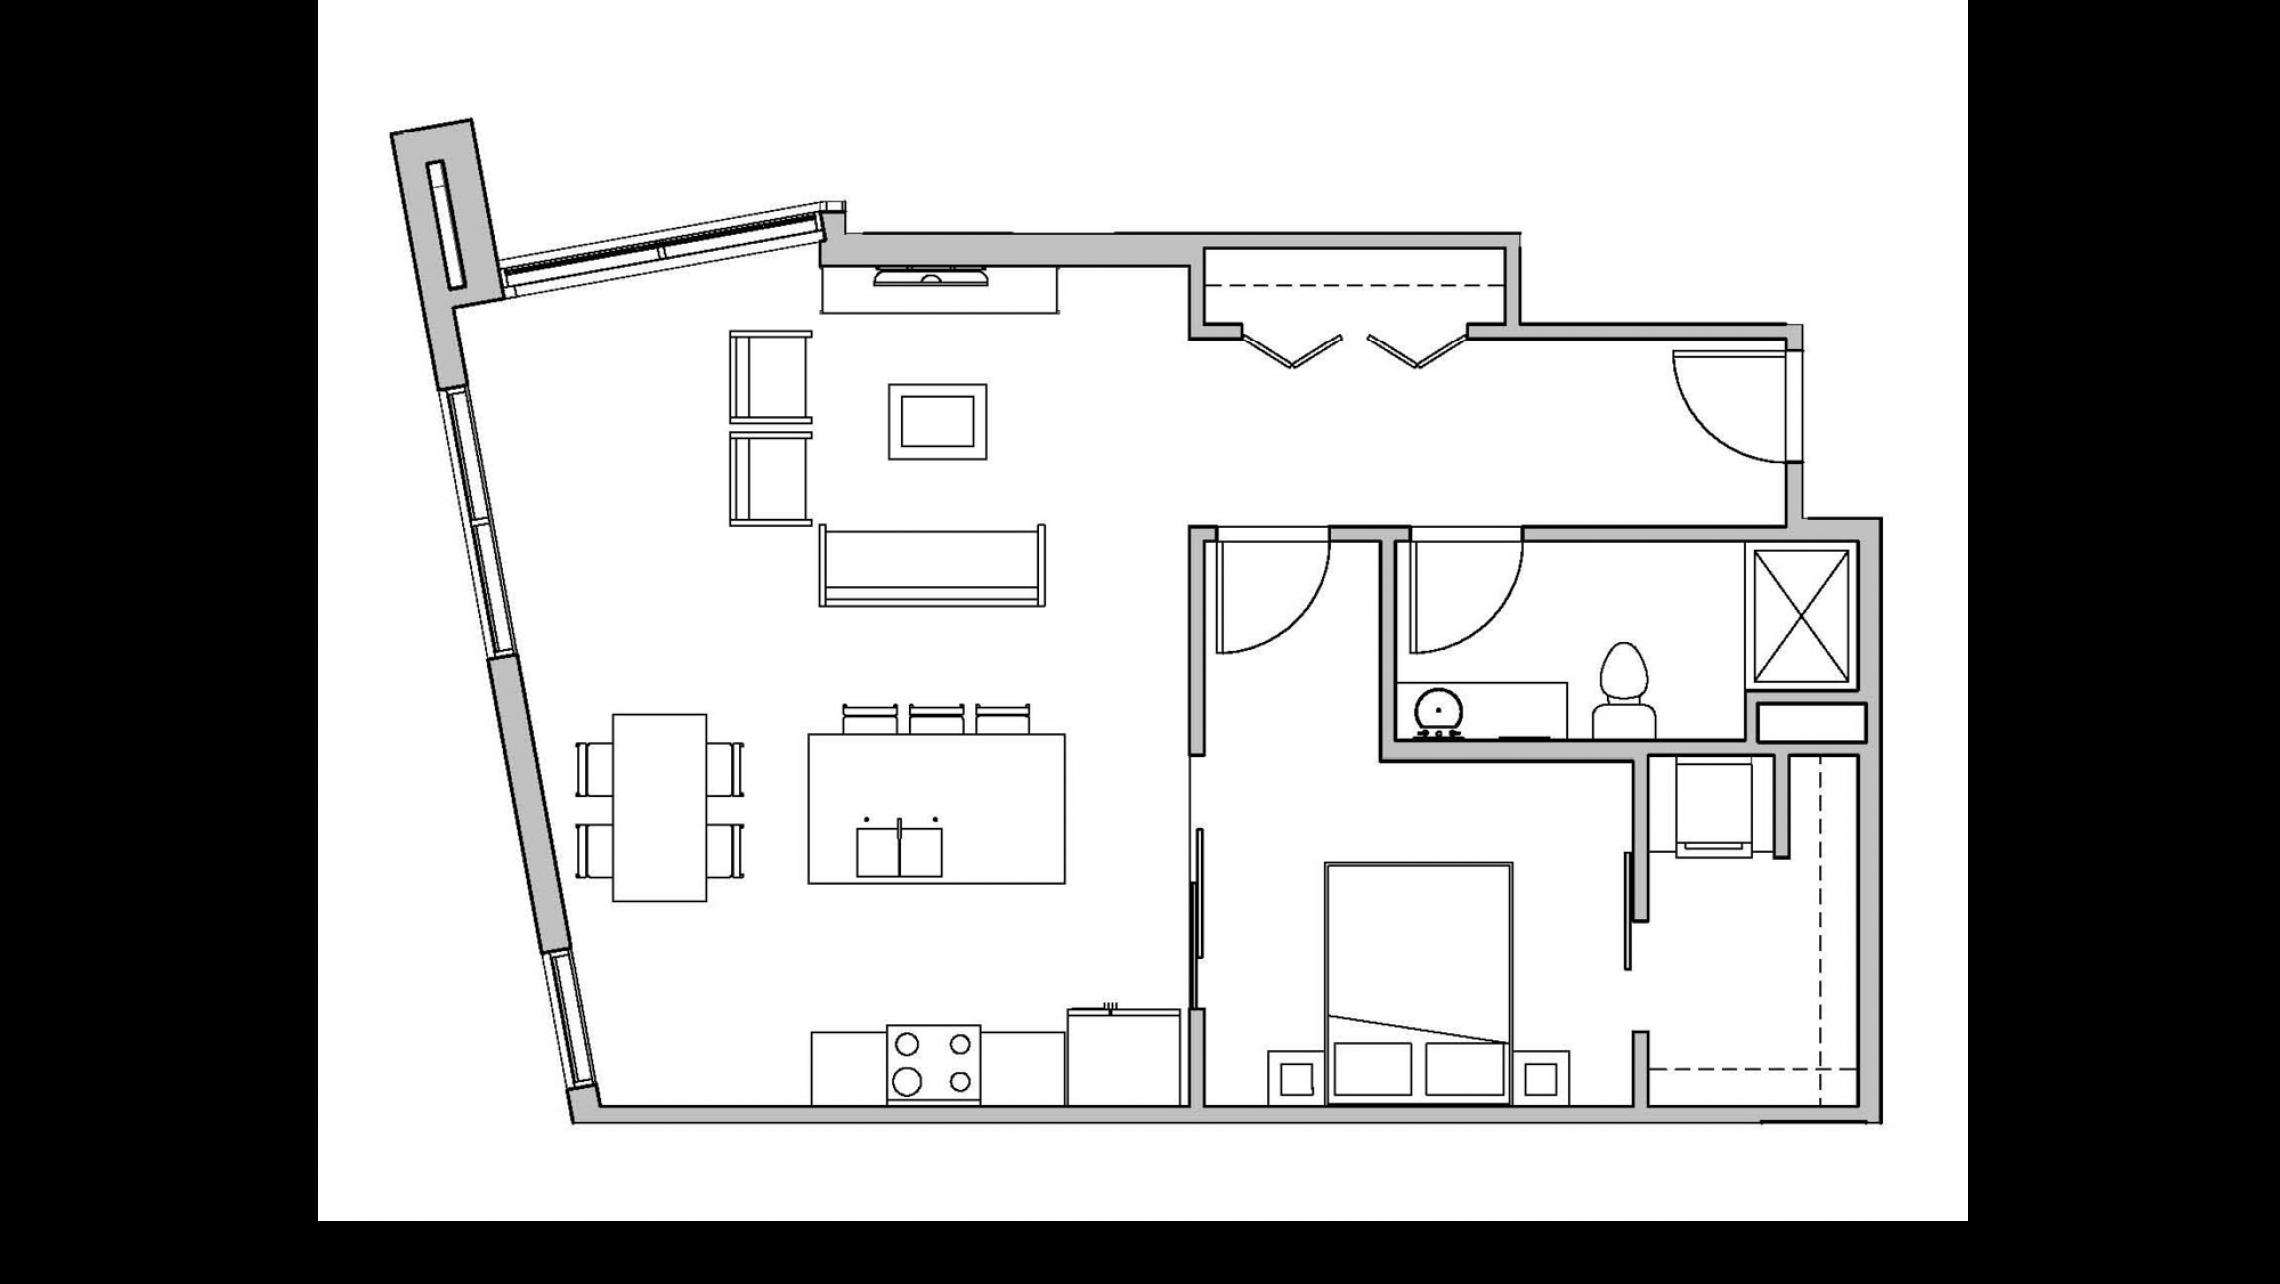 ULI Seven27 206 - One Bedroom, One Bathroom